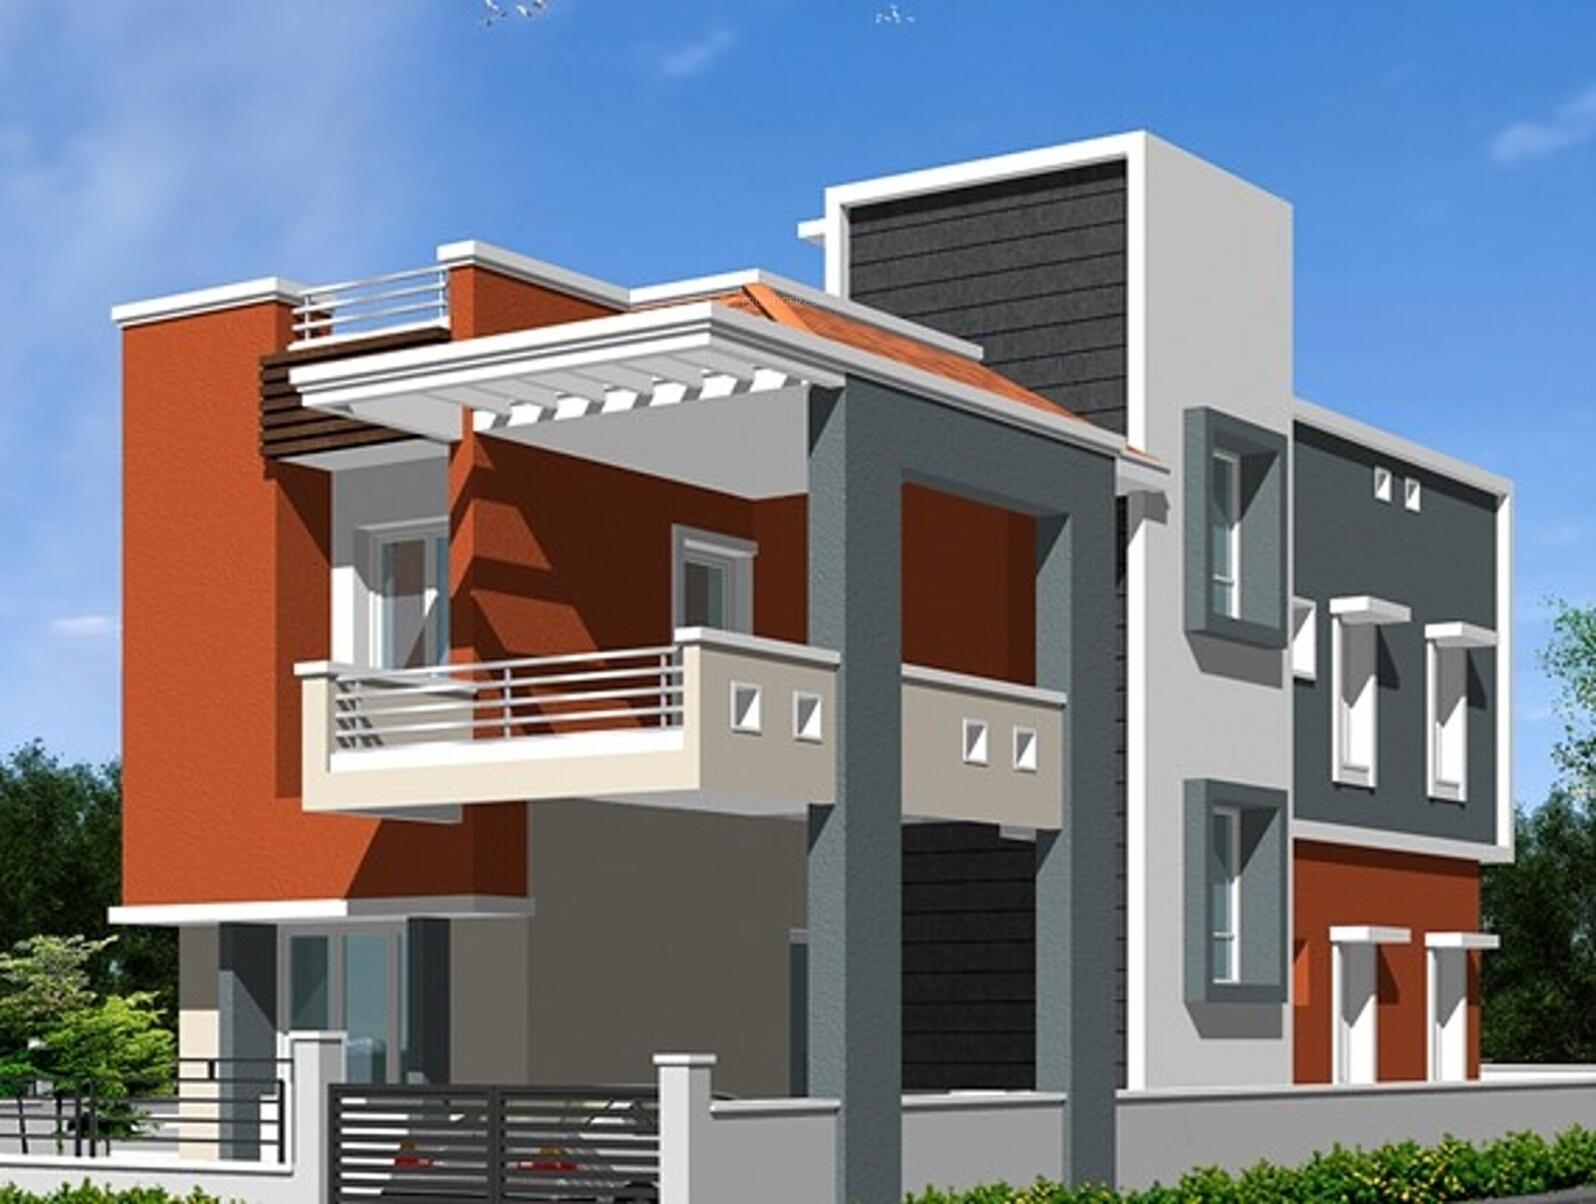 Front Elevation Design Chennai : Main elevation image of kk builders chennai shanthi